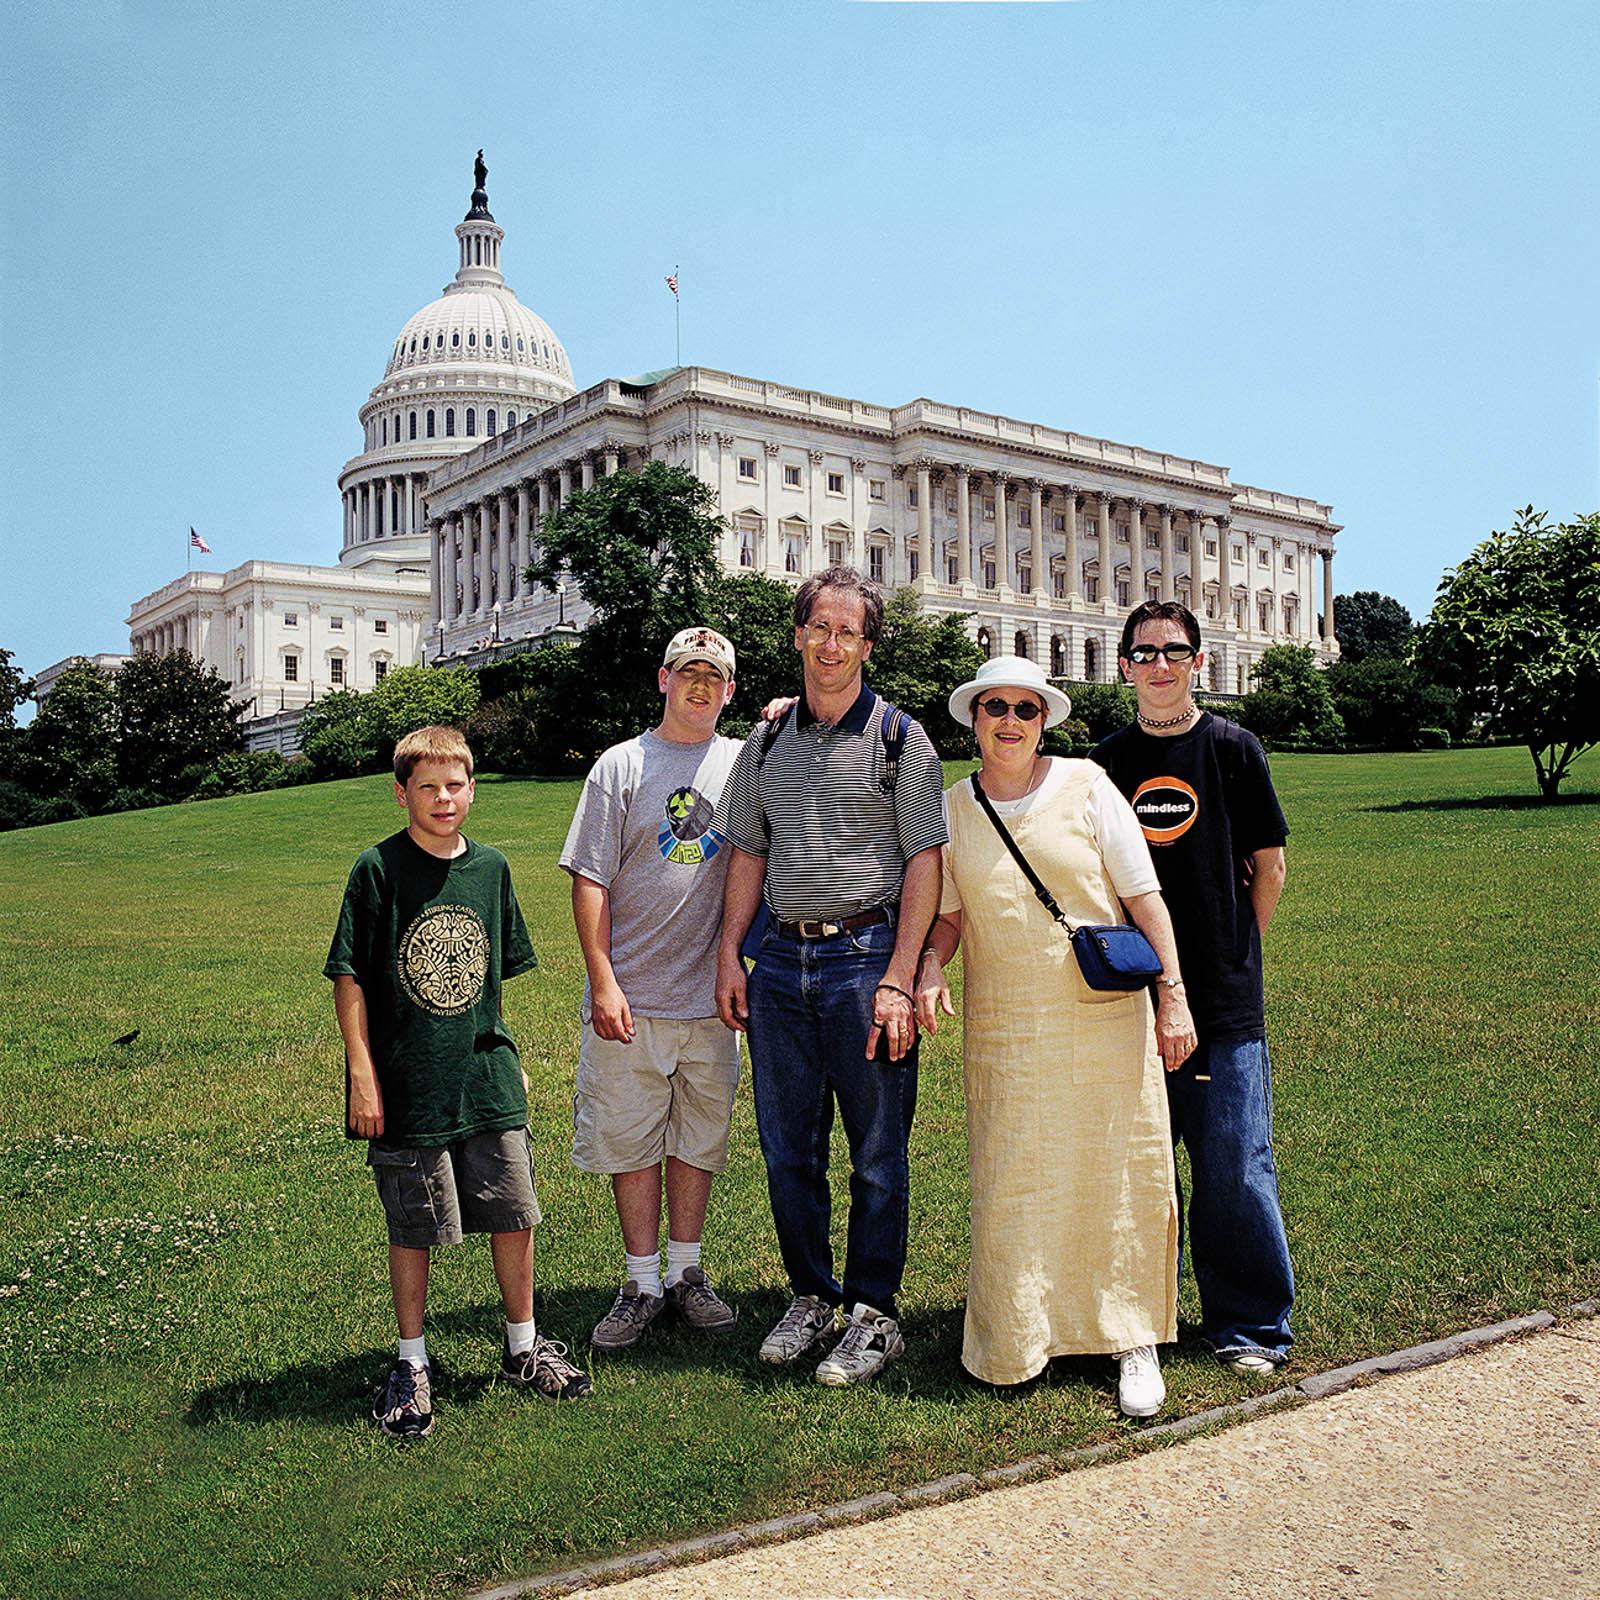 Family at United States Capitol, Washington, DC 1998